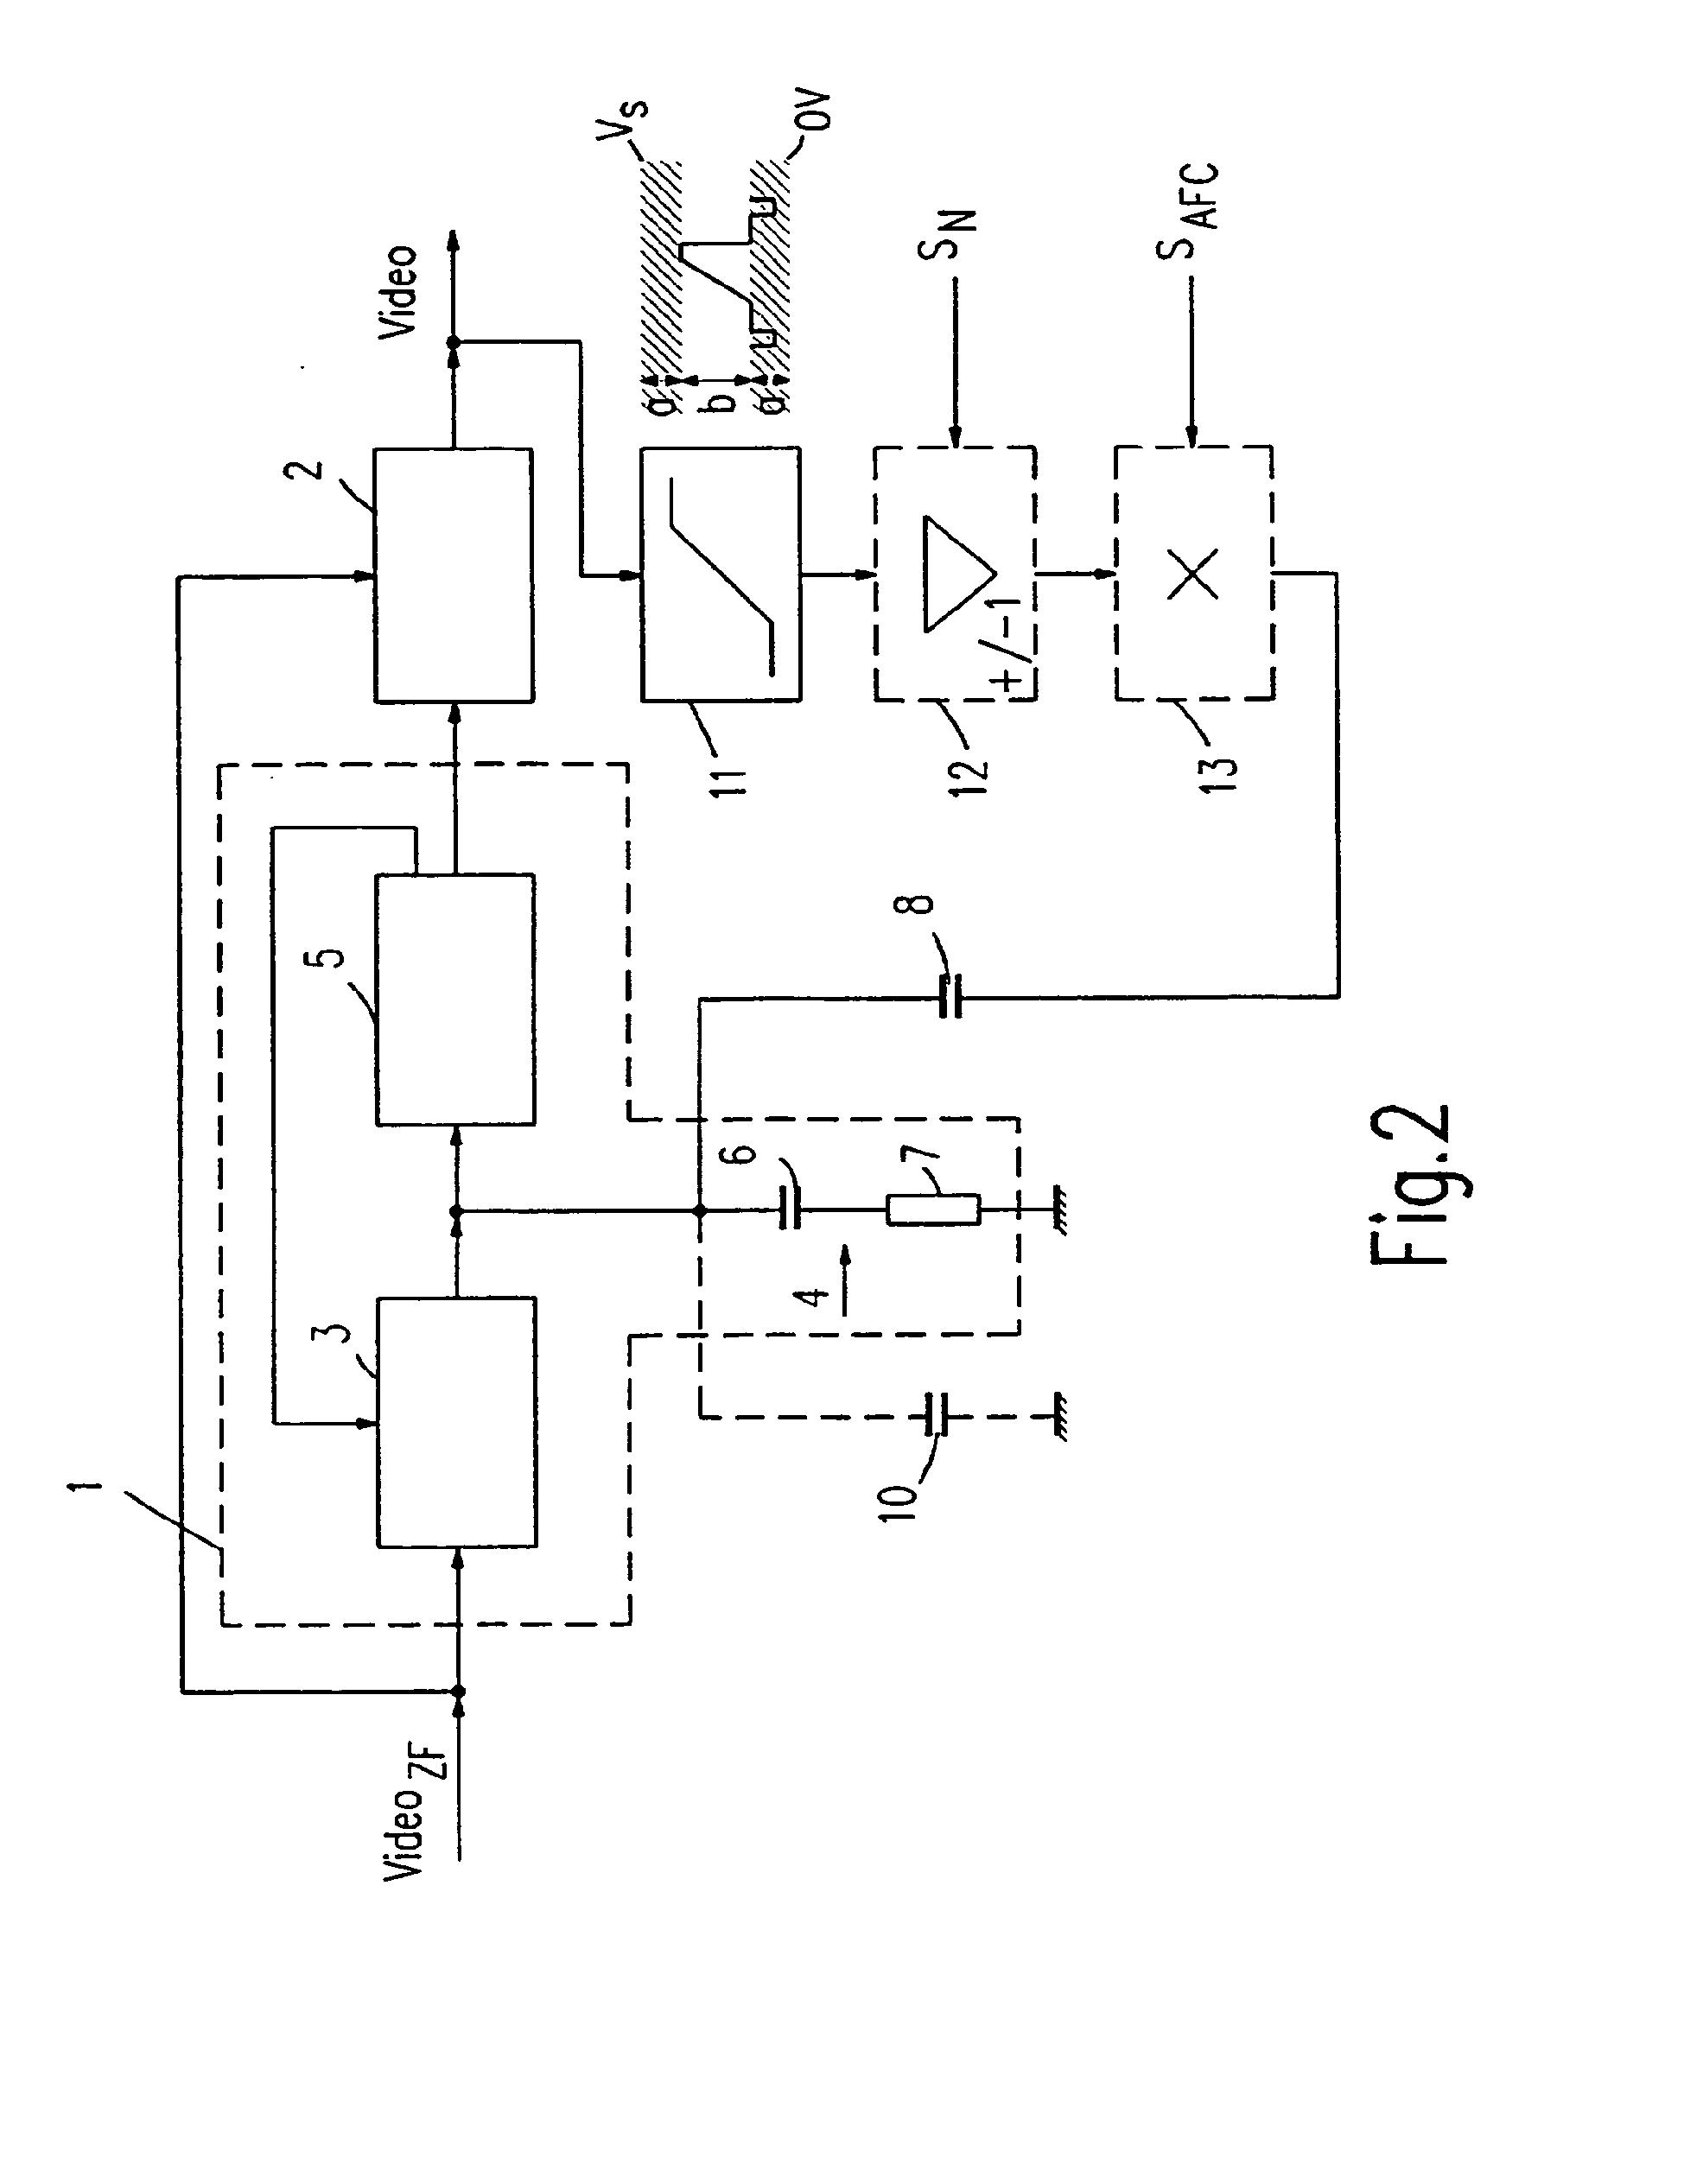 专利ep0948202b1 - demodulator